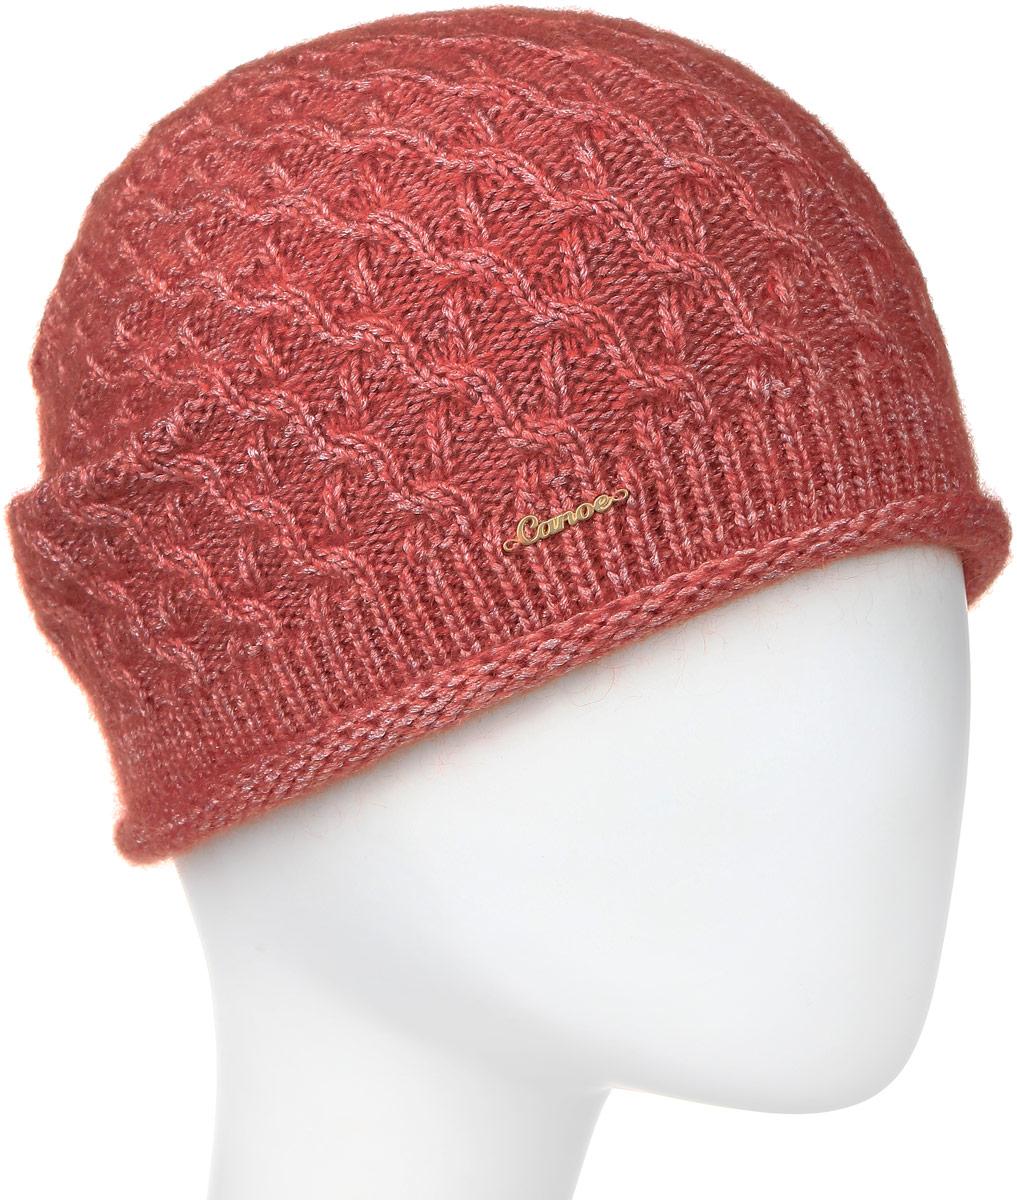 Шапка3445440Удлиненная женская шапка Canoe Ilene с ажурным рисунком отлично дополнит ваш образ в холодную погоду. Сочетание суперкид мохера, вискозы и полиамида максимально сохраняет тепло и обеспечивает удобную посадку, невероятную легкость и мягкость. Визуально пряжа имеет красивое , двухцветное переплетение, создающее ощущение глубины и объема внутри изделия. Шапка украшена небольшим декоративным элементом с изображением надписи Canoe. Привлекательная стильная шапка Canoe Ilene подчеркнет ваш неповторимый стиль и индивидуальность.